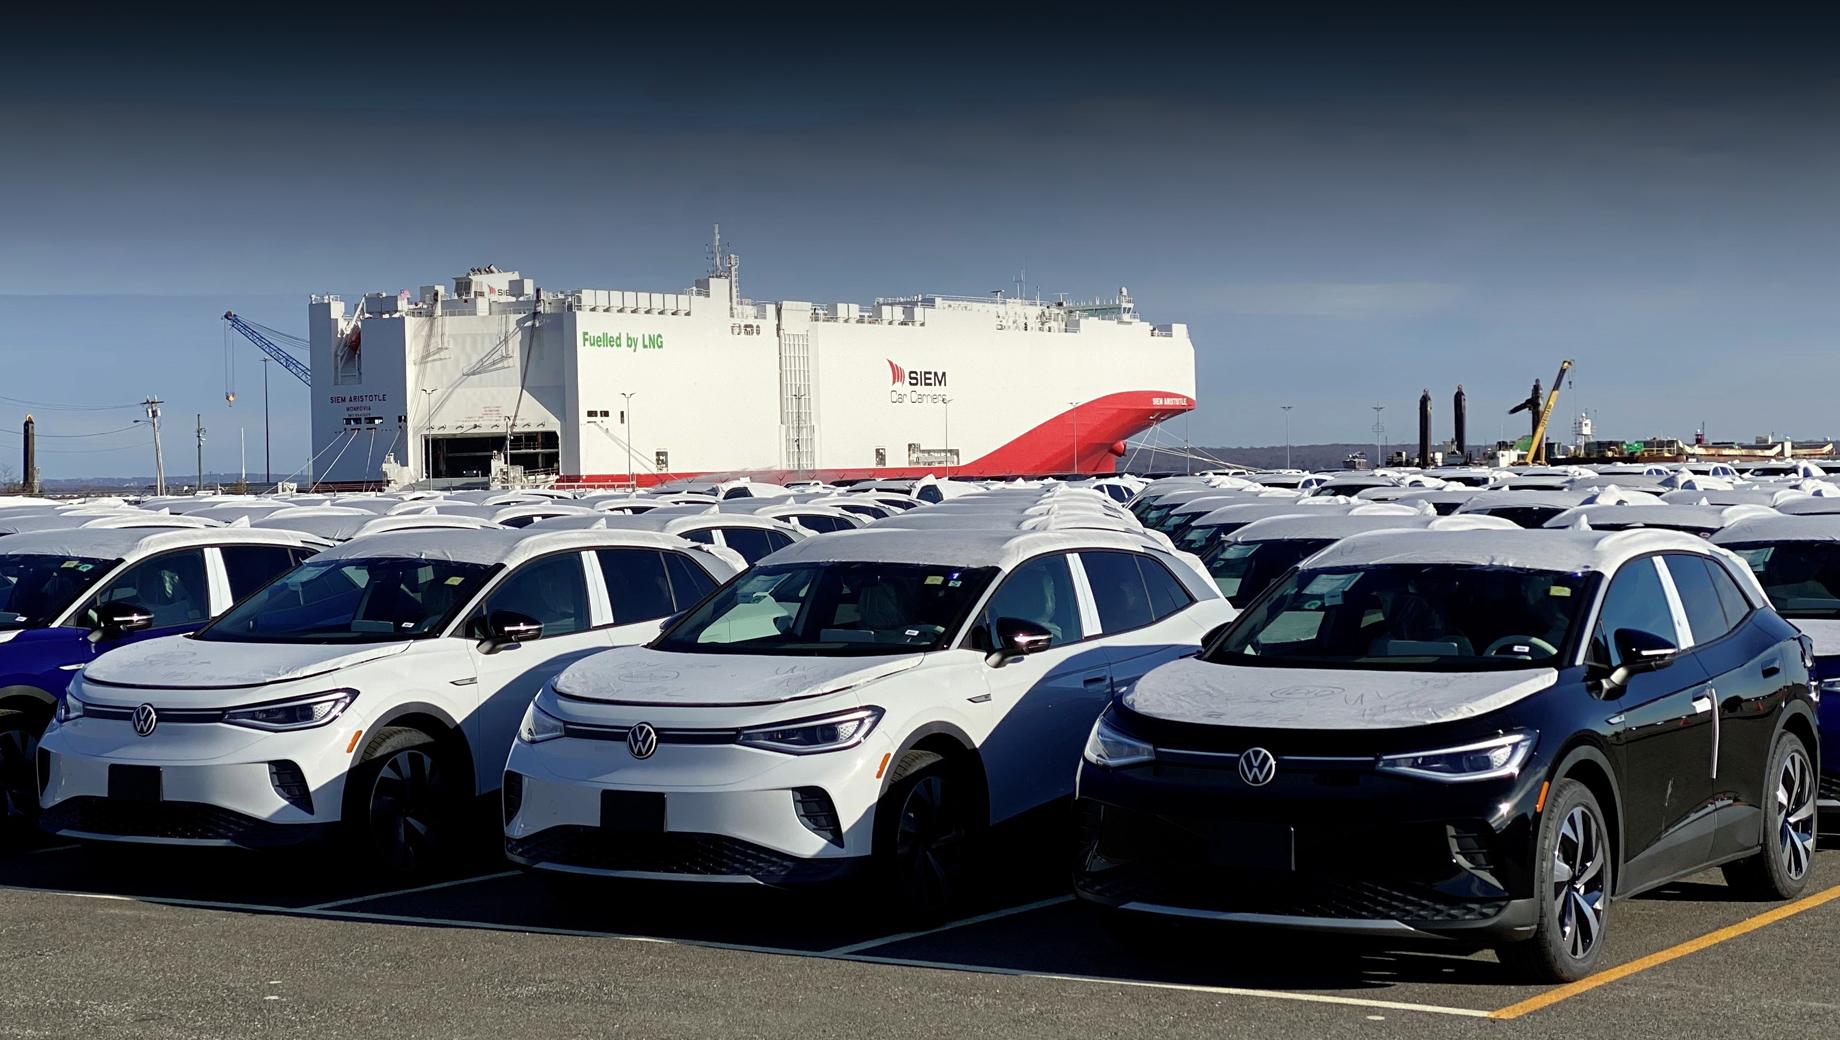 Volkswagen id 4. Паркетник ID.4 за океан пока поступает из Европы. Выпуск модели идёт в немецком Цвиккау, а для рынка Китая машина локализована в Антине и Фошане. В 2022 году к этому списку производств добавятся Эмден (Германия) и Чаттануга (США).